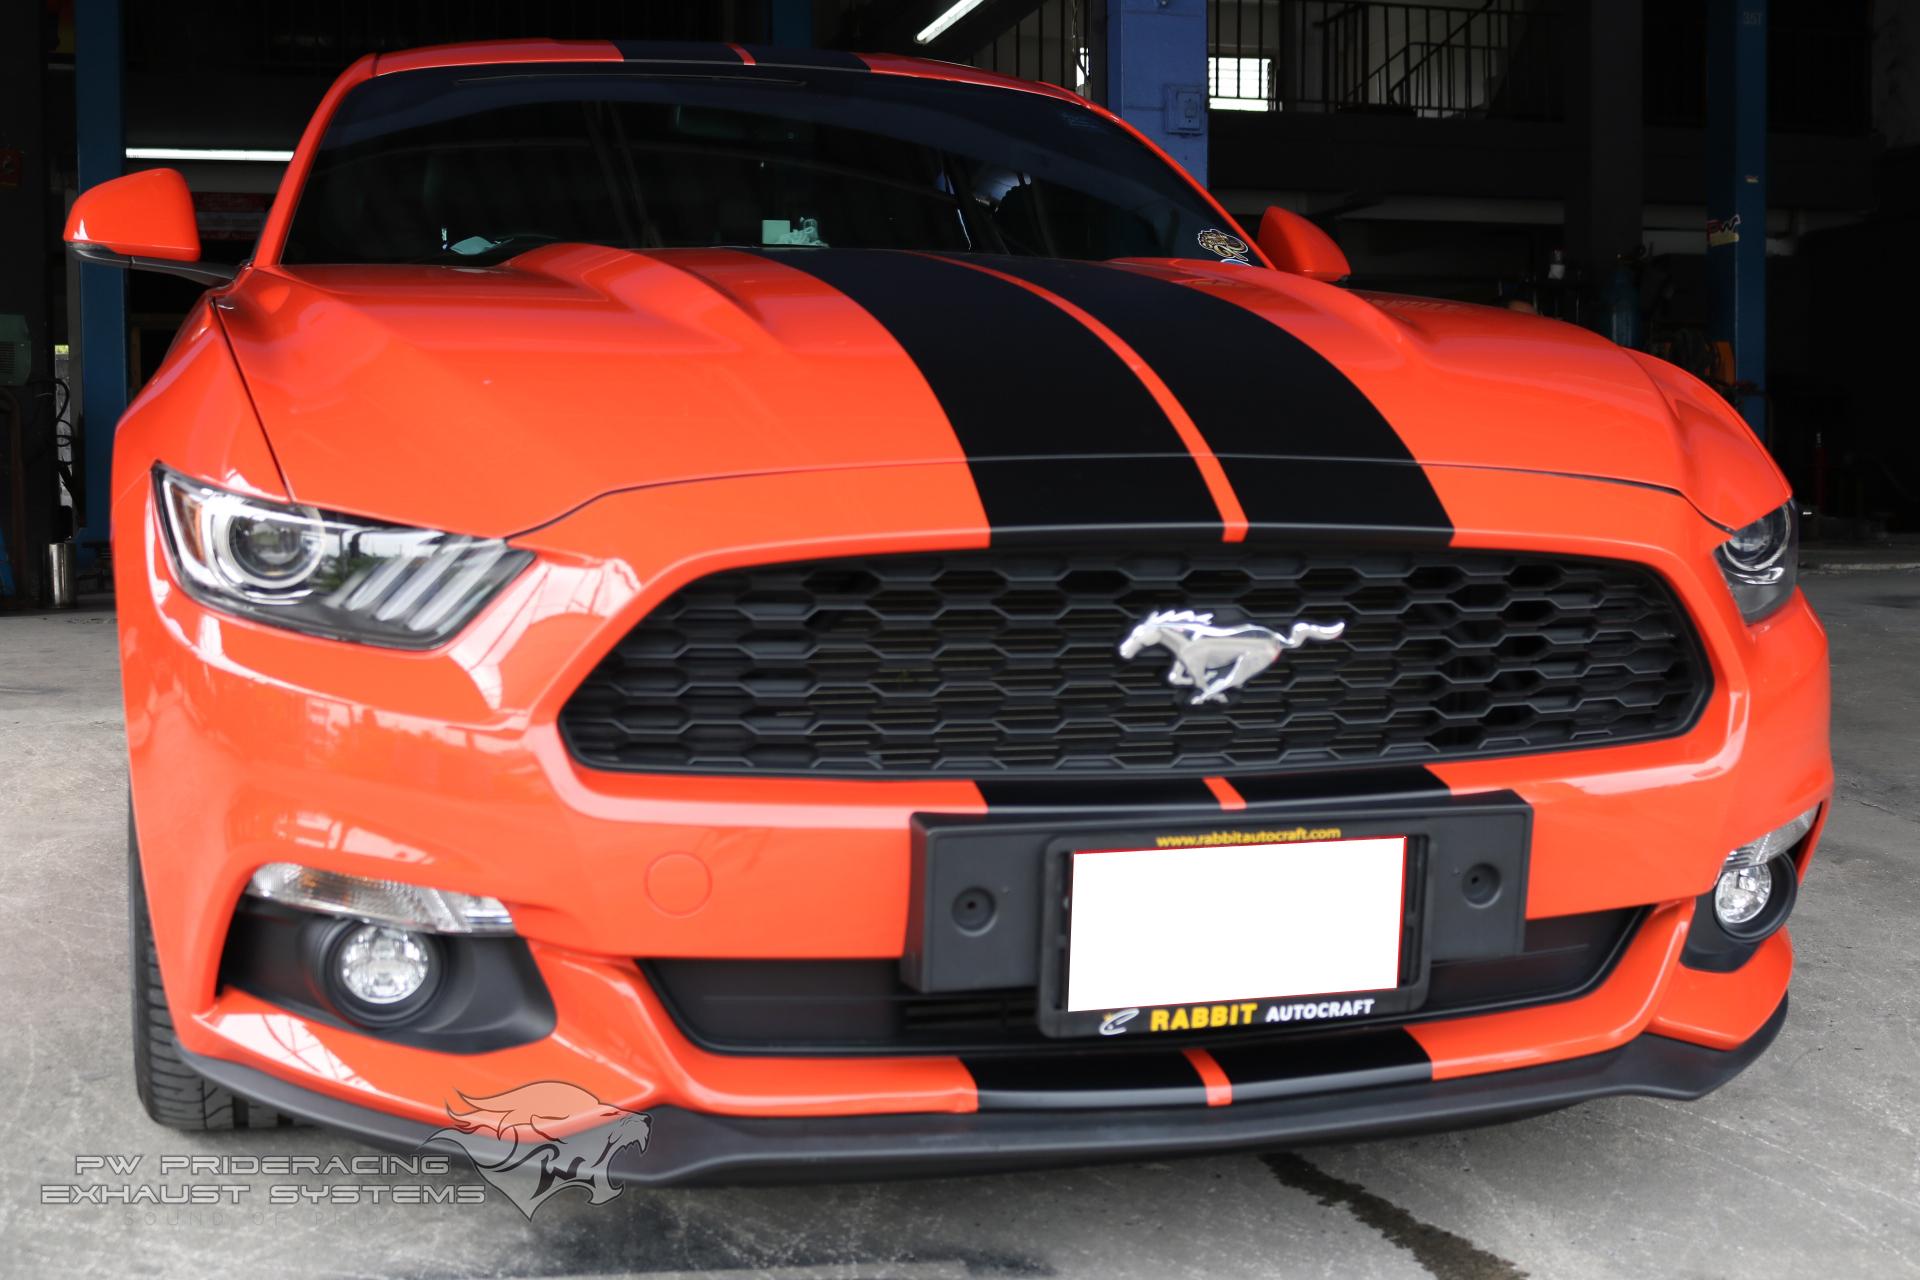 ชุดท่อไอเสีย Ford Mustang Ecoboost